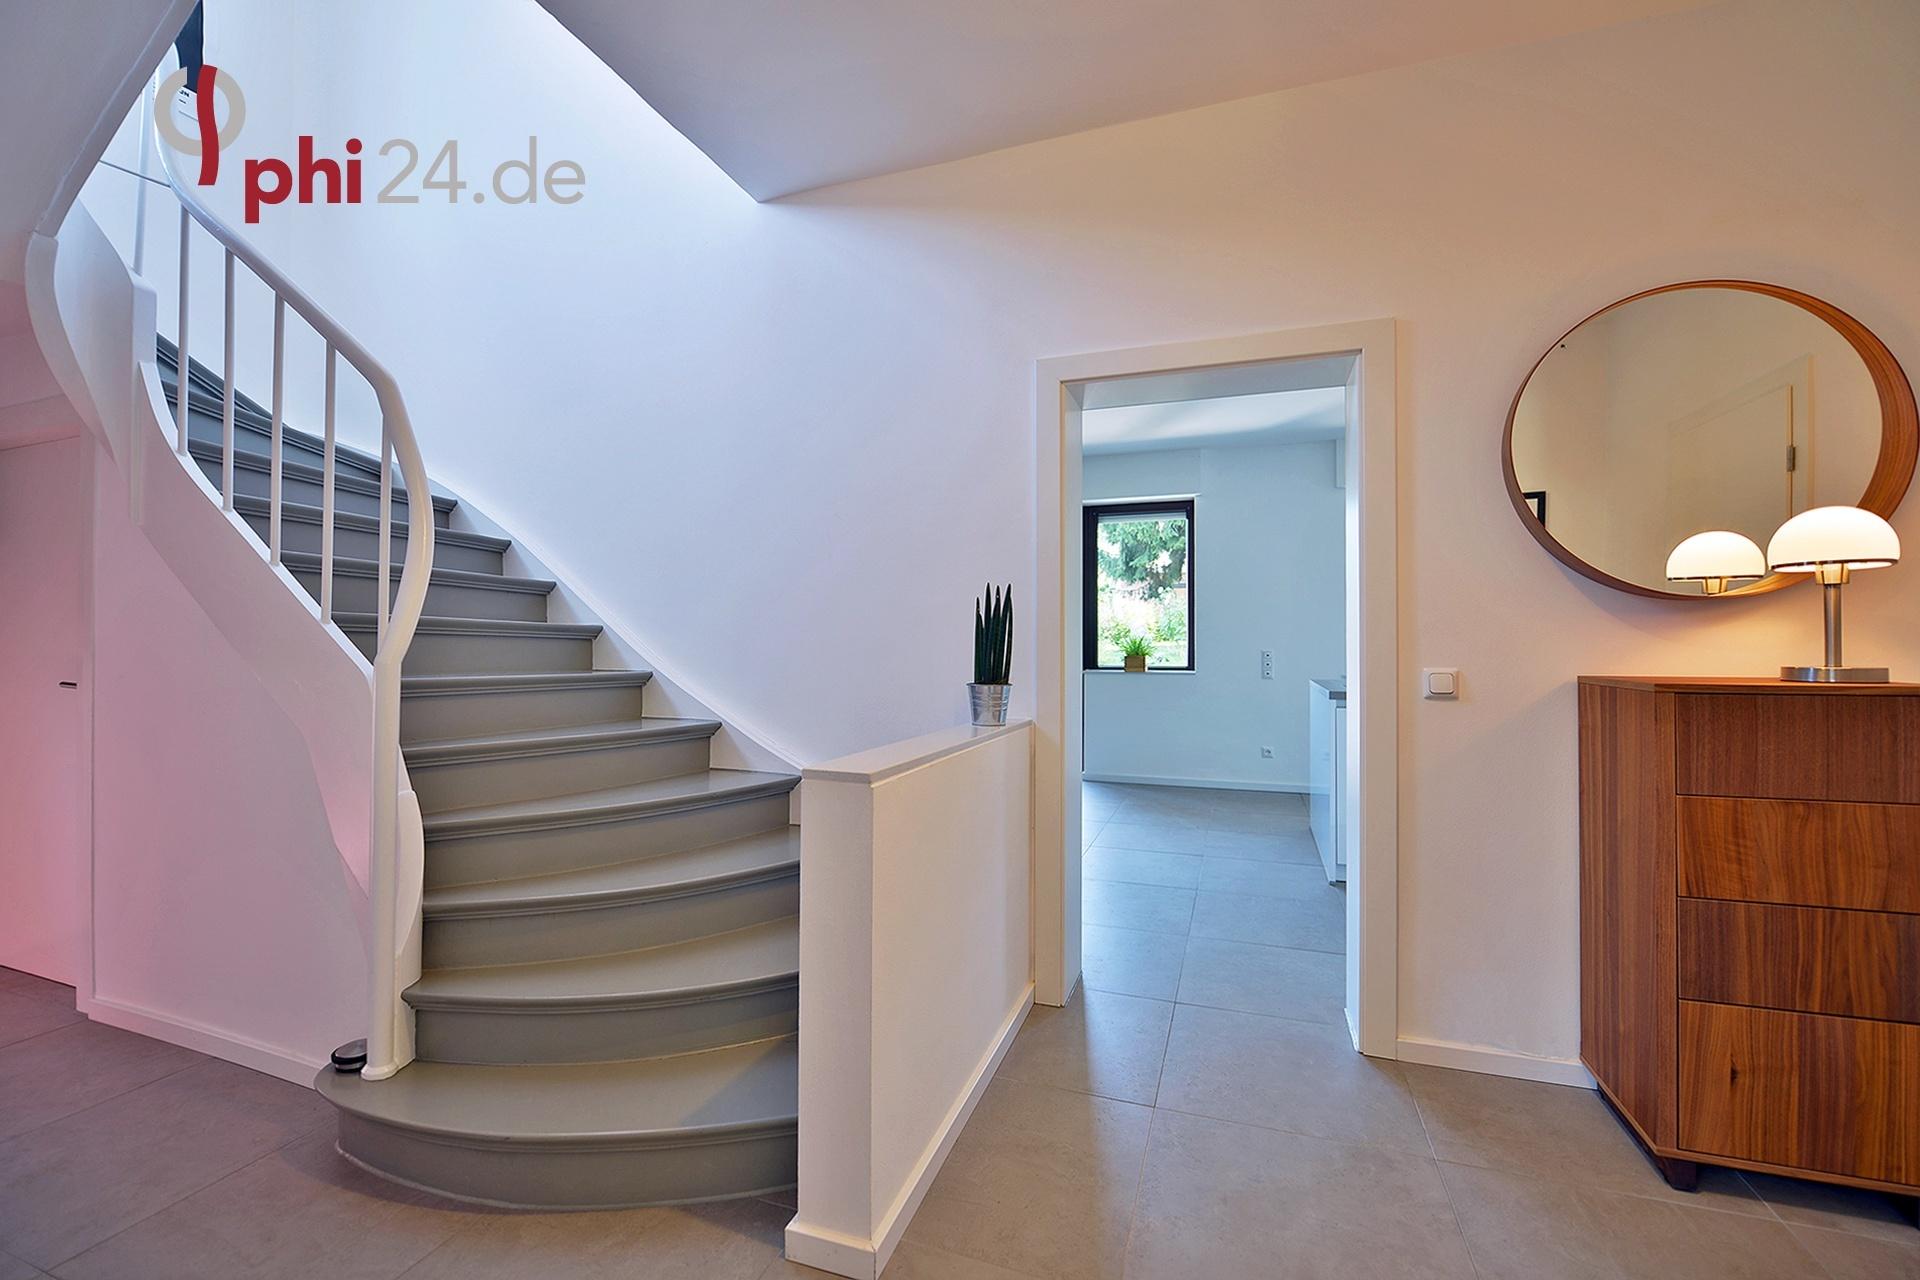 Immobilienmakler Stolberg Villa referenzen mit Immobilienbewertung